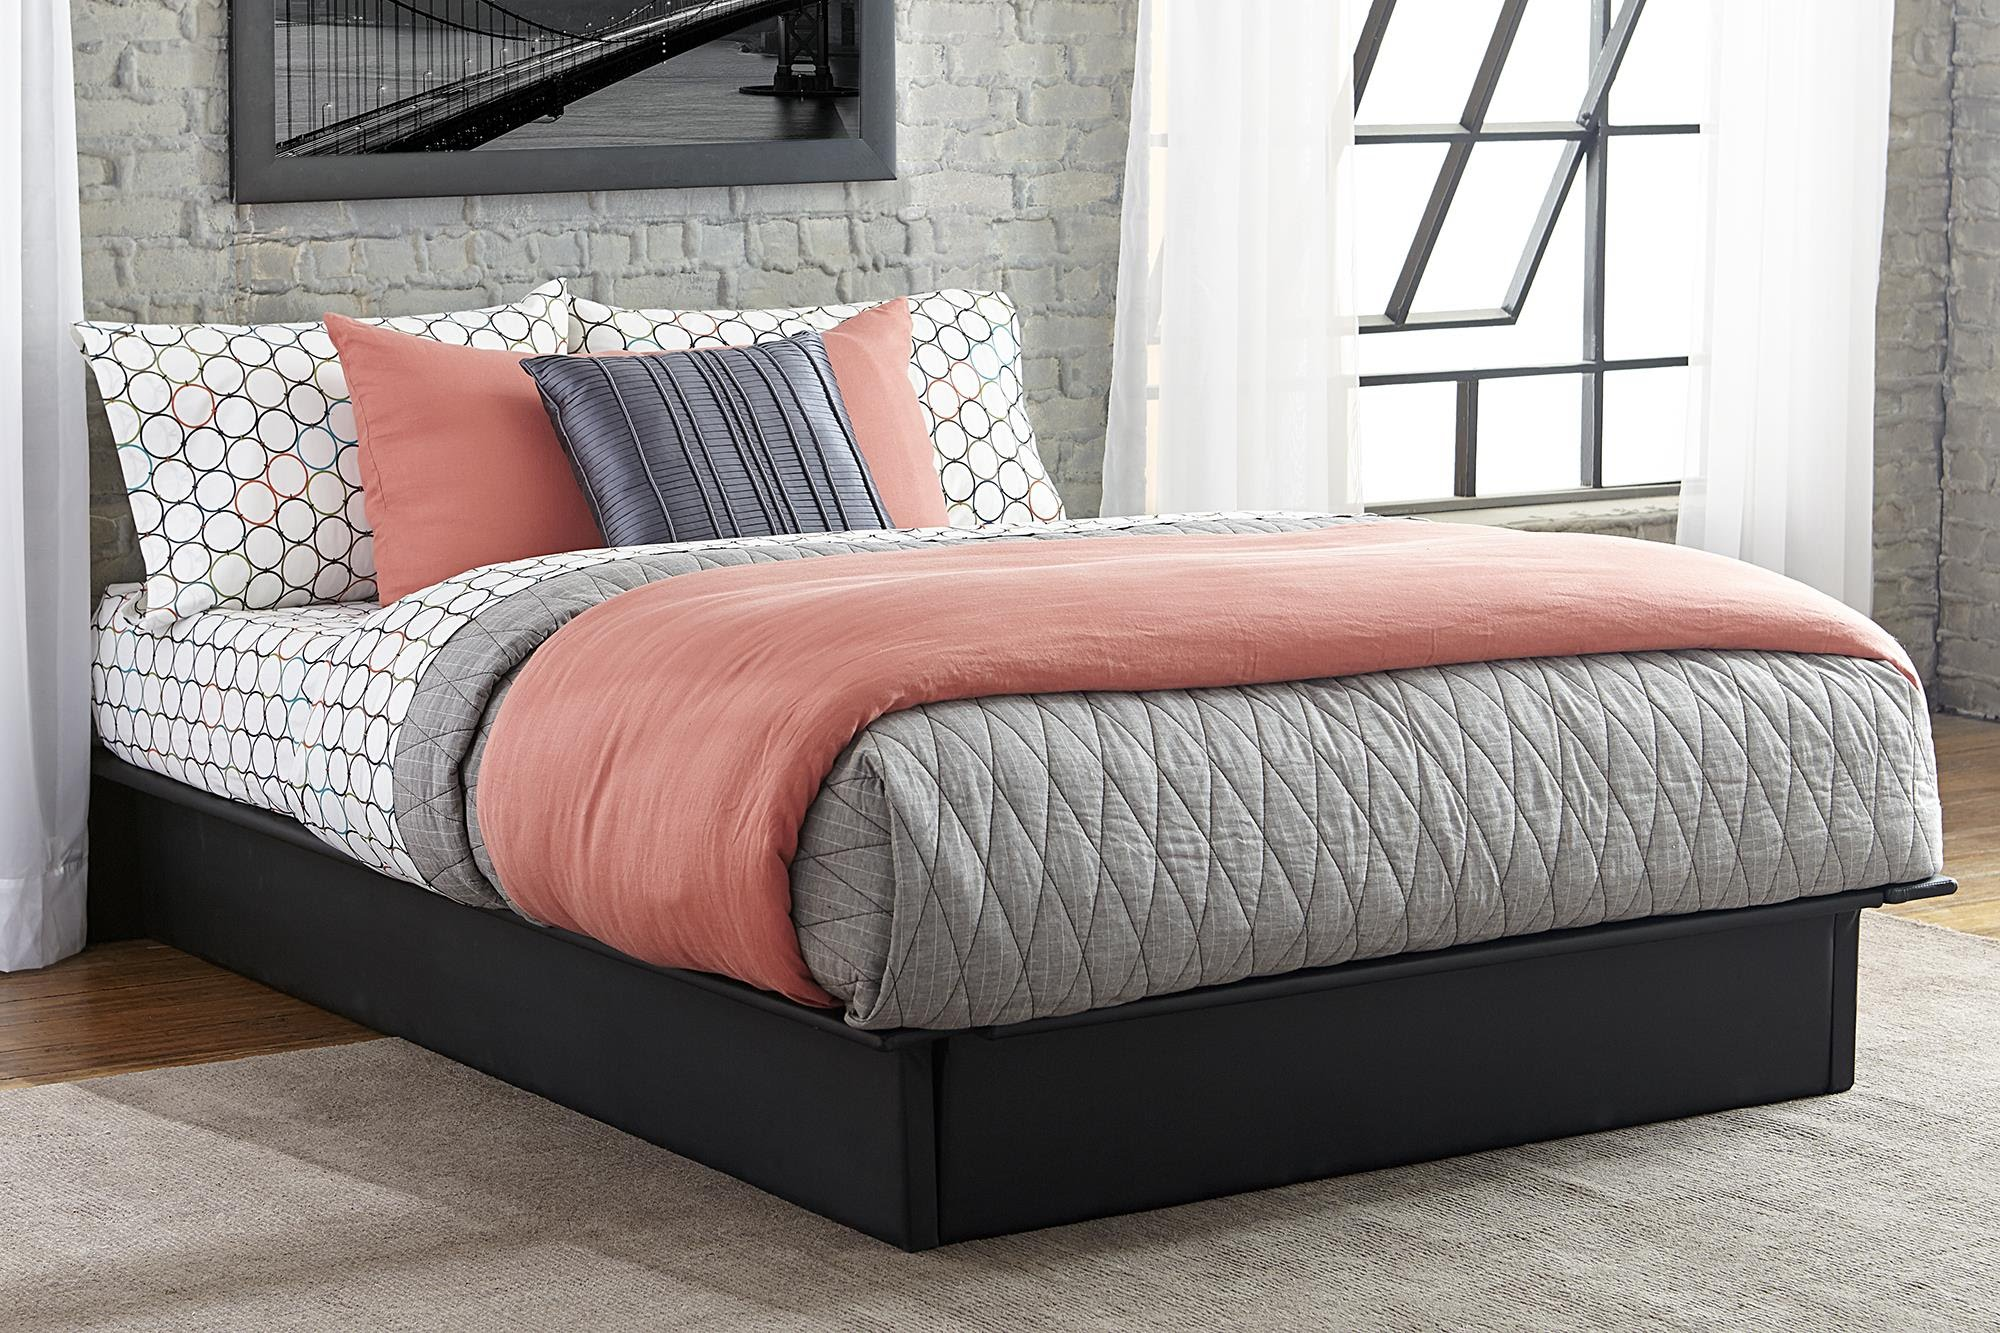 Full Size of Bett Minimalistisch Moderne Plattform Betten Mit Stauraum Design 120x190 90x200 Lattenrost Bonprix Futon 140x200 Eiche Sonoma 180x200 Und Matratze Weiß Bett Bett Minimalistisch